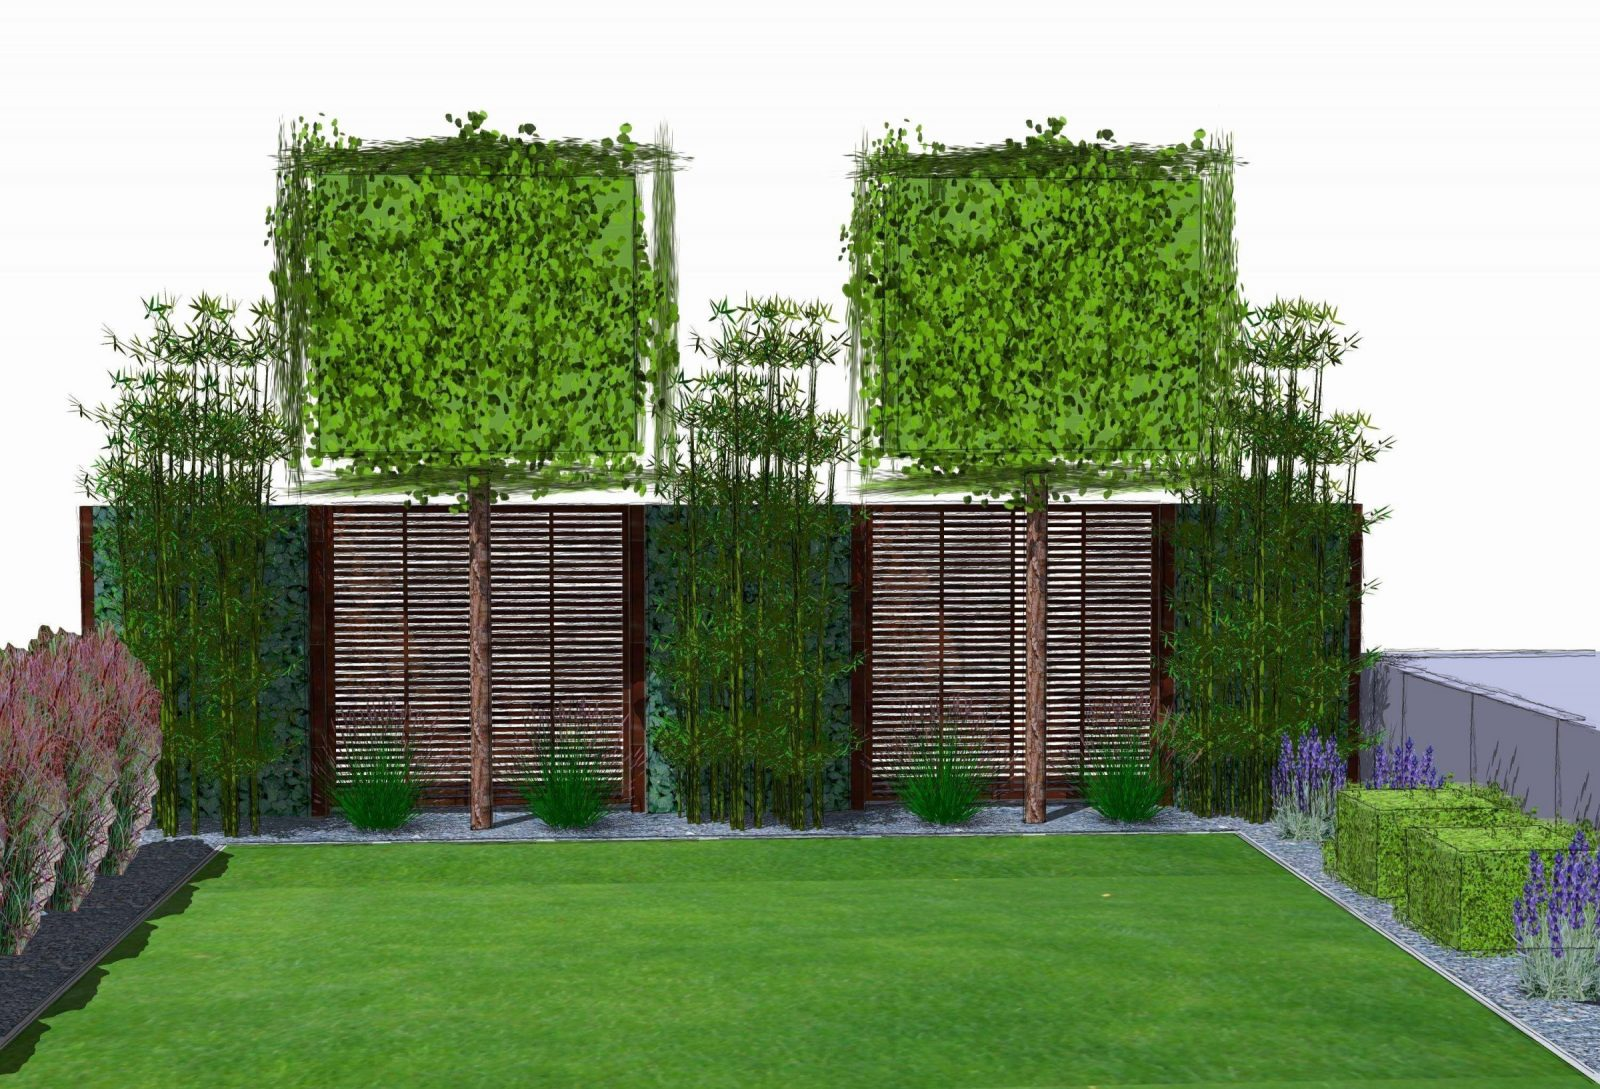 Sichtschutz Zum Nachbarn Ideen Einzigartig Rankgitter Zaun Holz von Sichtschutz Zum Nachbarn Ideen Bild